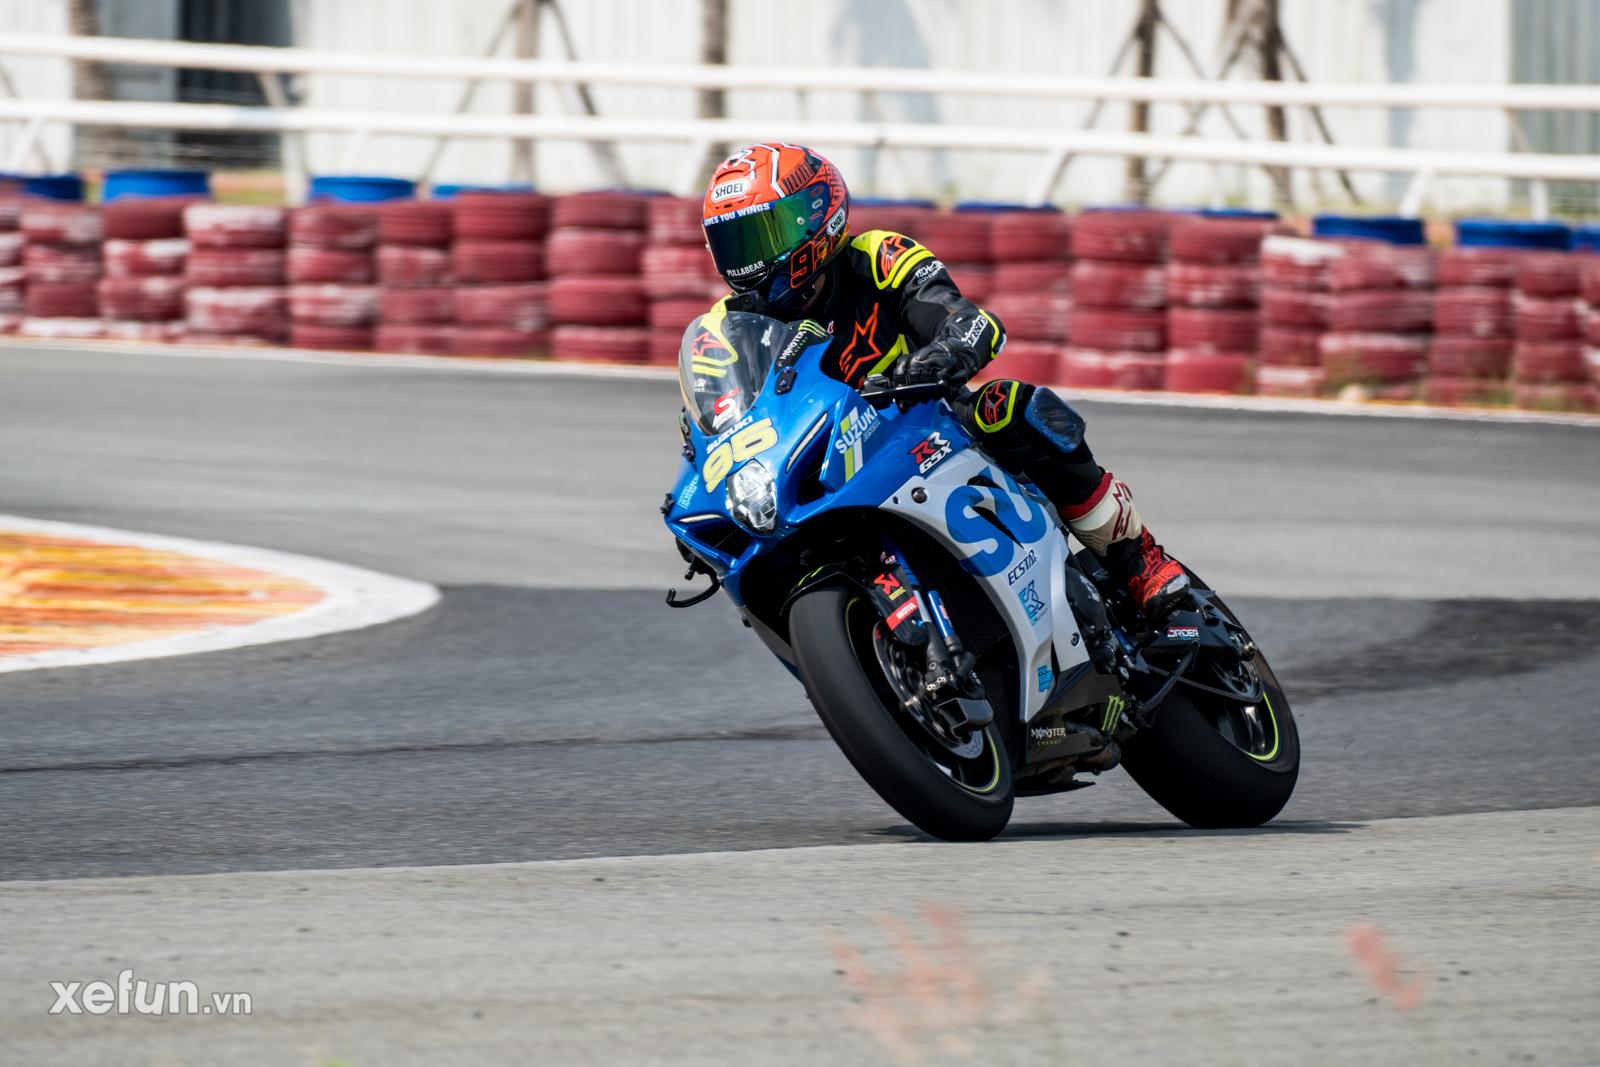 Các tay đua nài xe phân khối lớn PKL BMW S1000RR Ducati Monster Kawasaki Ninja ZX10R tại Trường đua Đại Nam trên Xefun (1)35465765